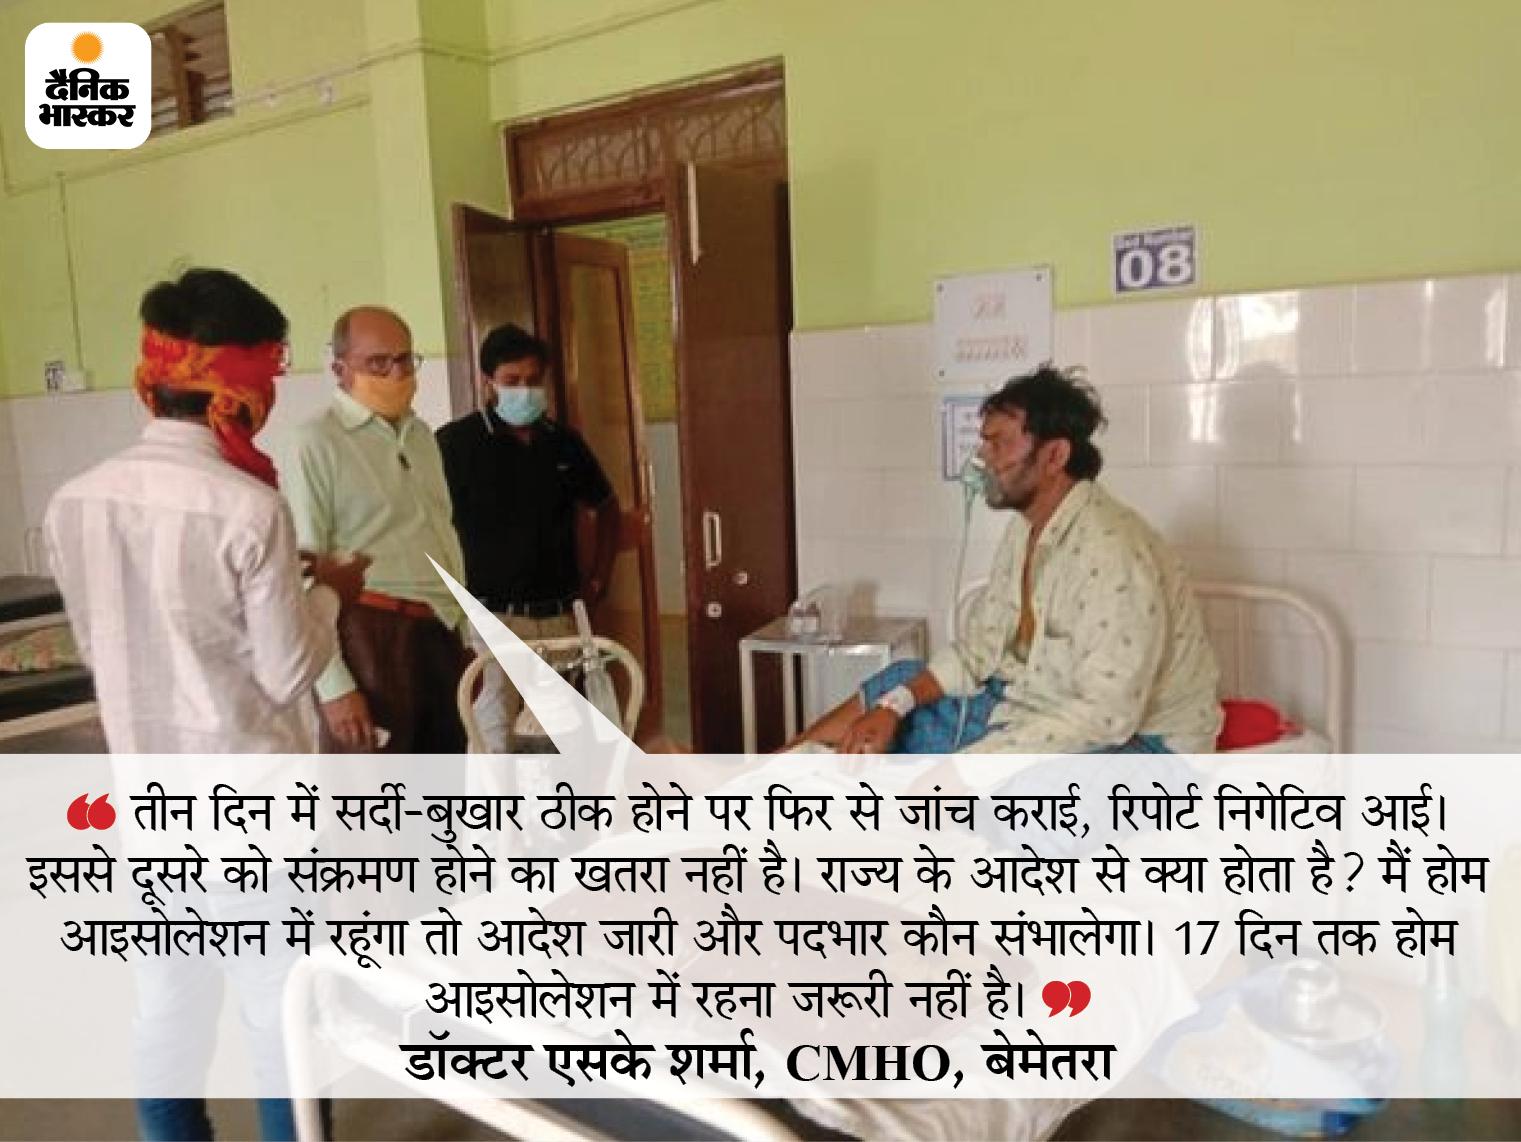 अब बेमेतरा CMHO संक्रमित होने के 3 दिन बाद पहुंच गए ड्यूटी, जिले का दौरा किया, बैठक भी ली; बोले- आइसोलेशन में रहूंगा तो आदेश कौन देगा|छत्तीसगढ़,Chhattisgarh - Dainik Bhaskar